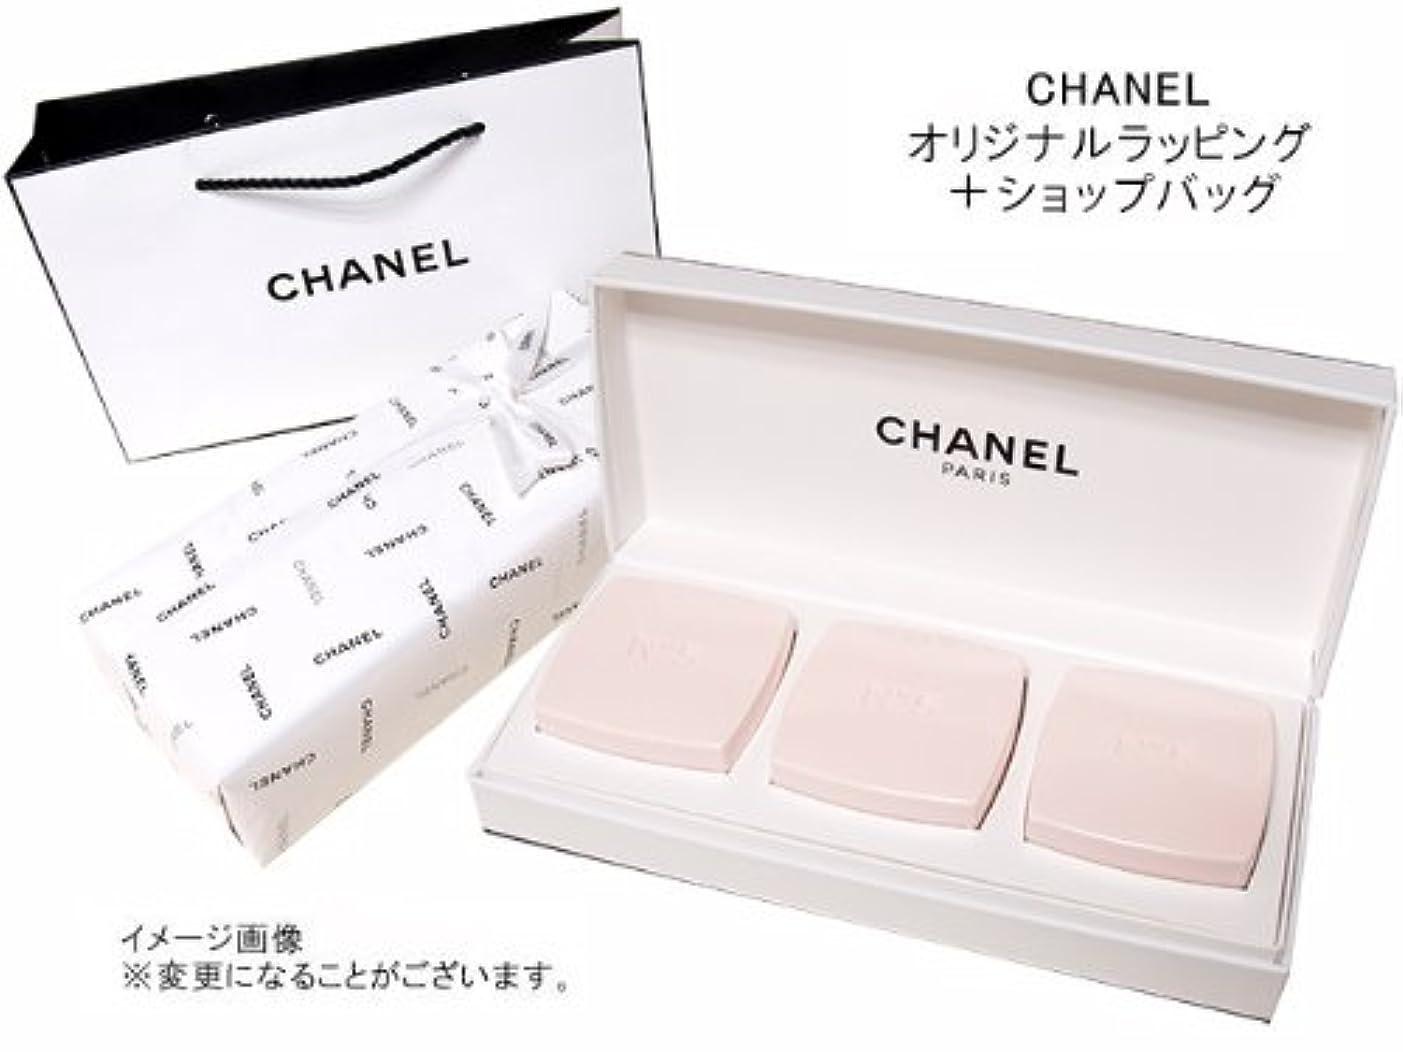 大佐風味とCHANEL(シャネル) LES CADEAUX シャネル N゜5ギフトコレクションN゜5 サヴォン(石けん)75g×3 オリジナルラッピング&ショップバッグ付専用ギフトボックス入り